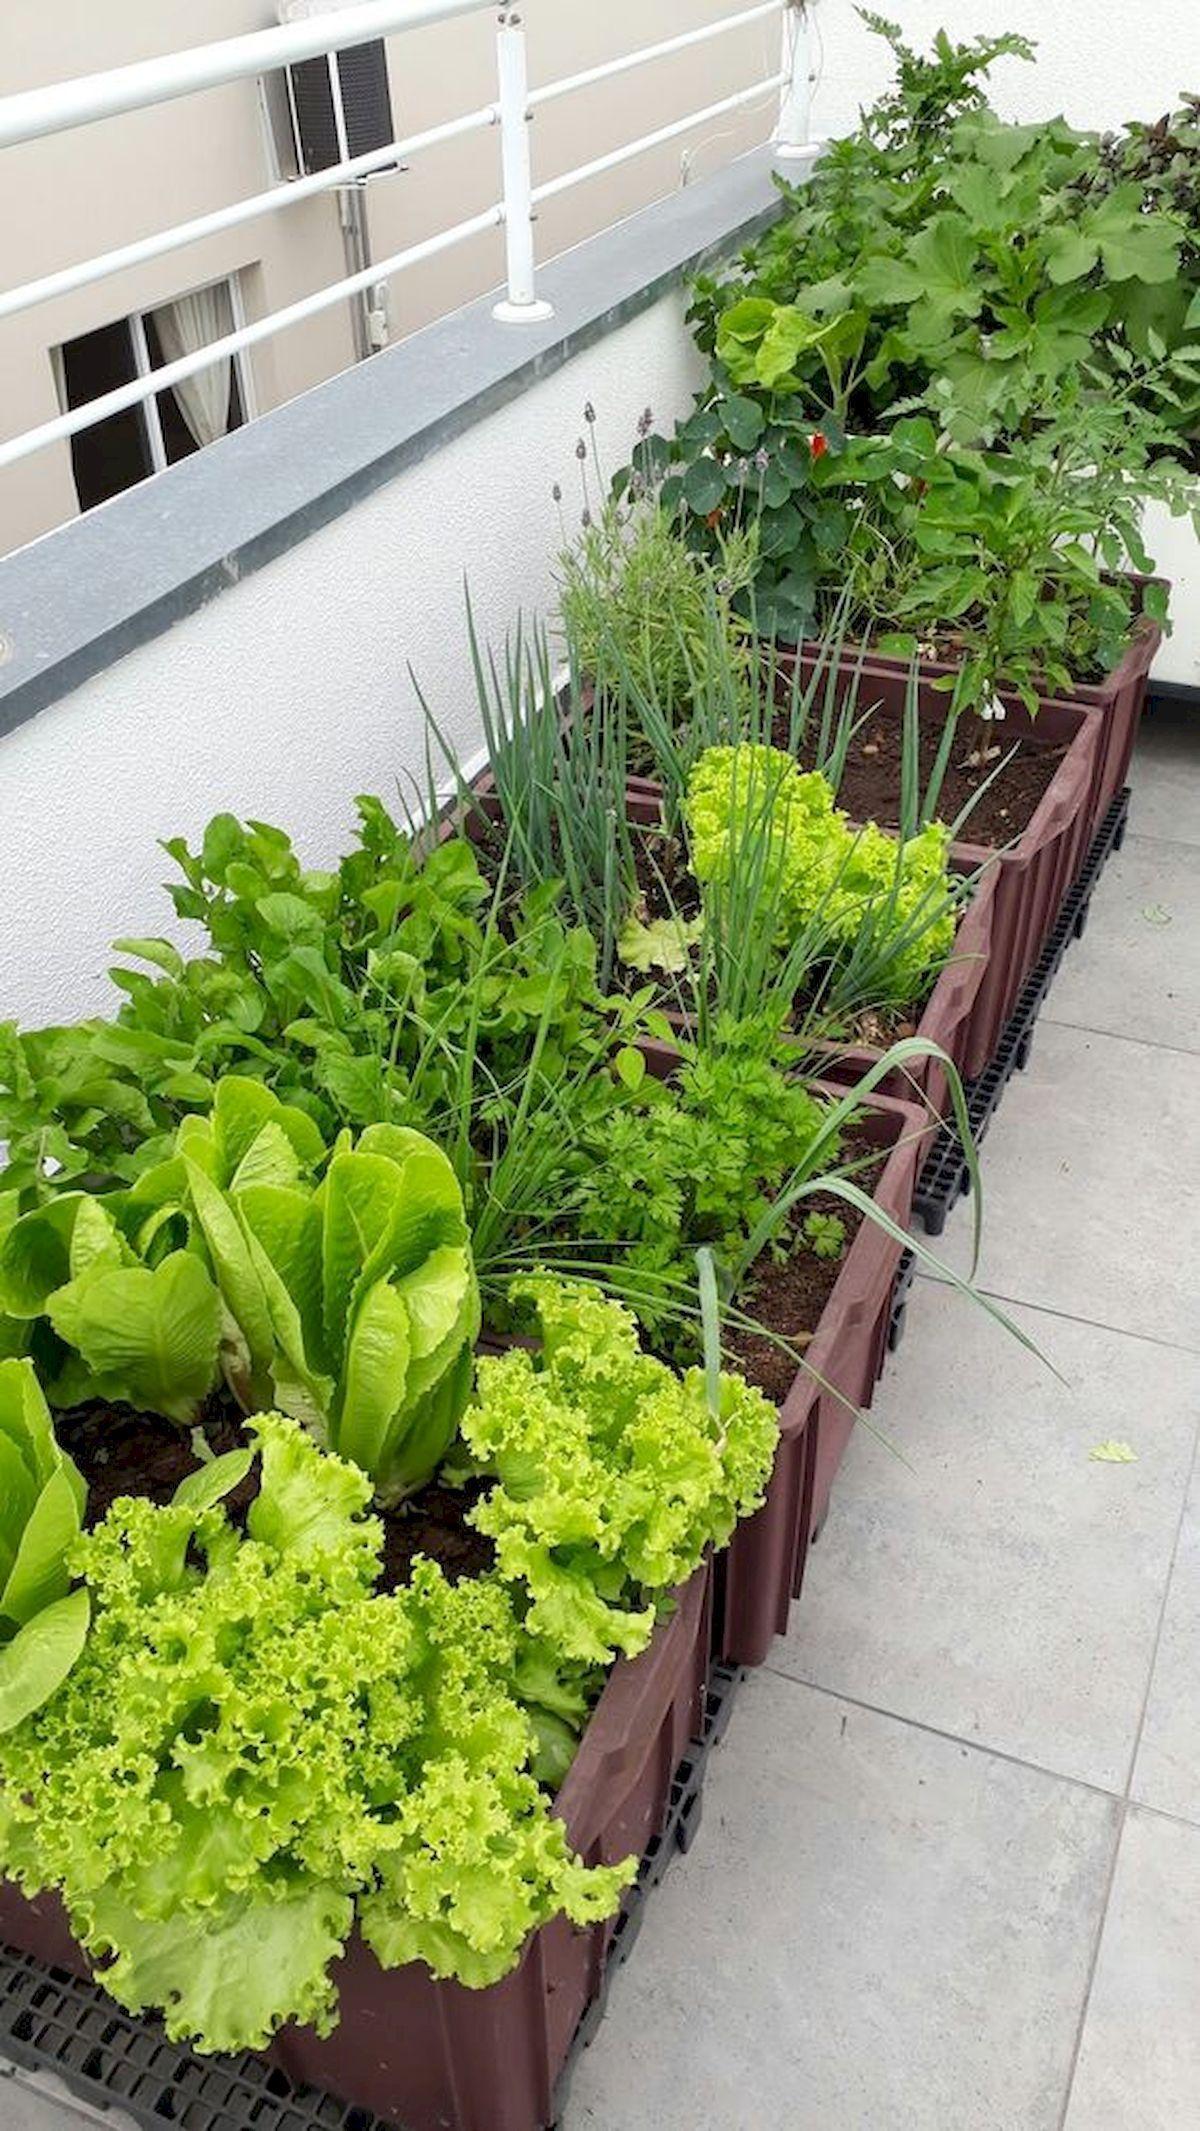 50 Inspiring Small Vegetable Garden Ideas 2 In 2020 Small Vegetable Gardens Balcony Herb Gardens Home Vegetable Garden